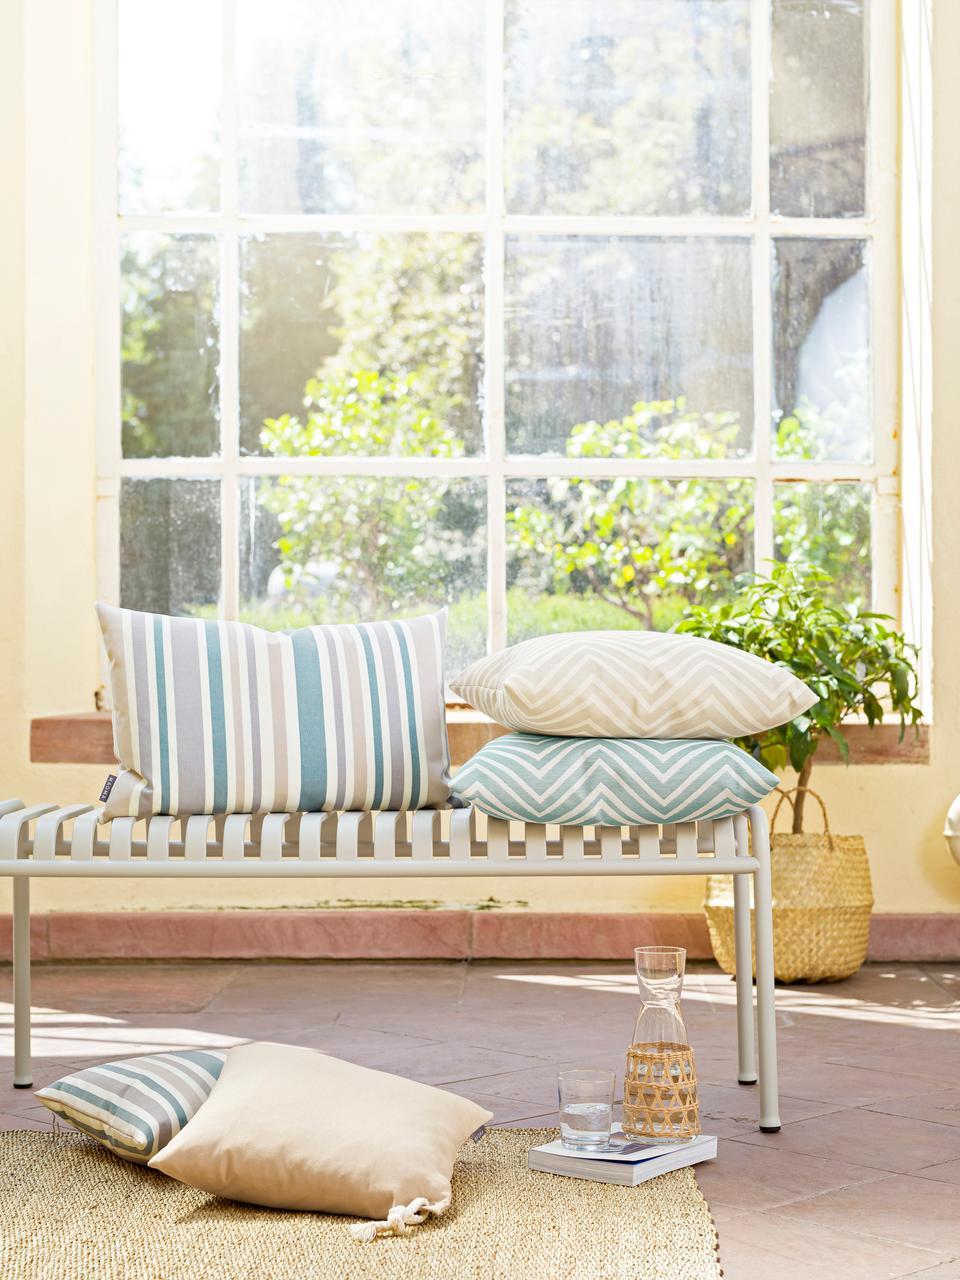 Gestreifte Outdoor-Kissenhülle Marbella, 100% Dralon® Polyacryl, Blau, Weiß, Beige, Grau, 40 x 60 cm